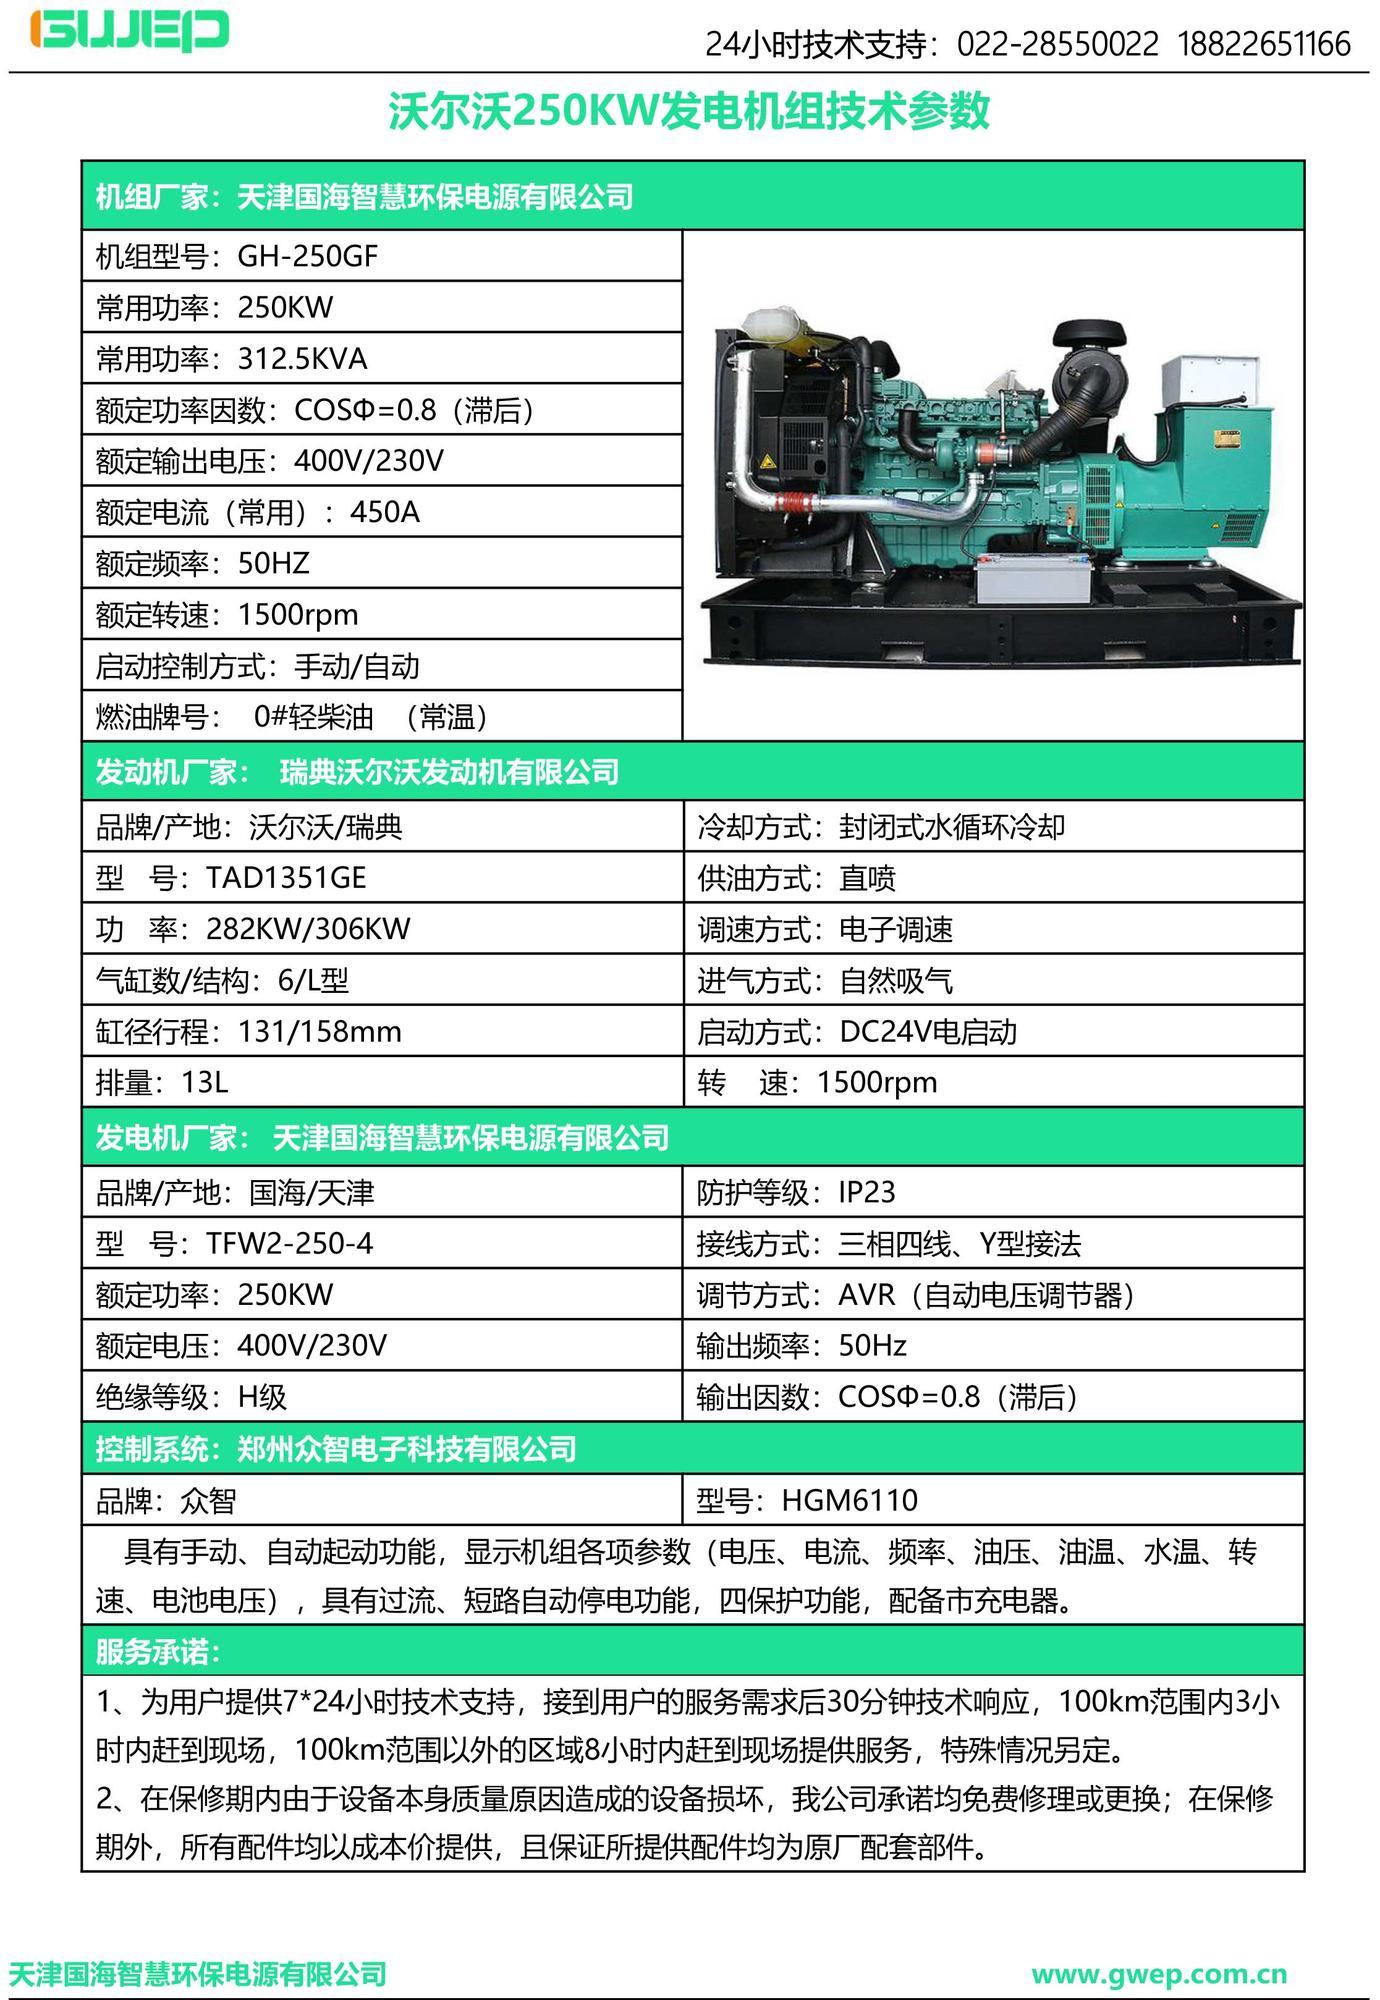 沃尔沃250KW发电机组技术资料-2.jpg